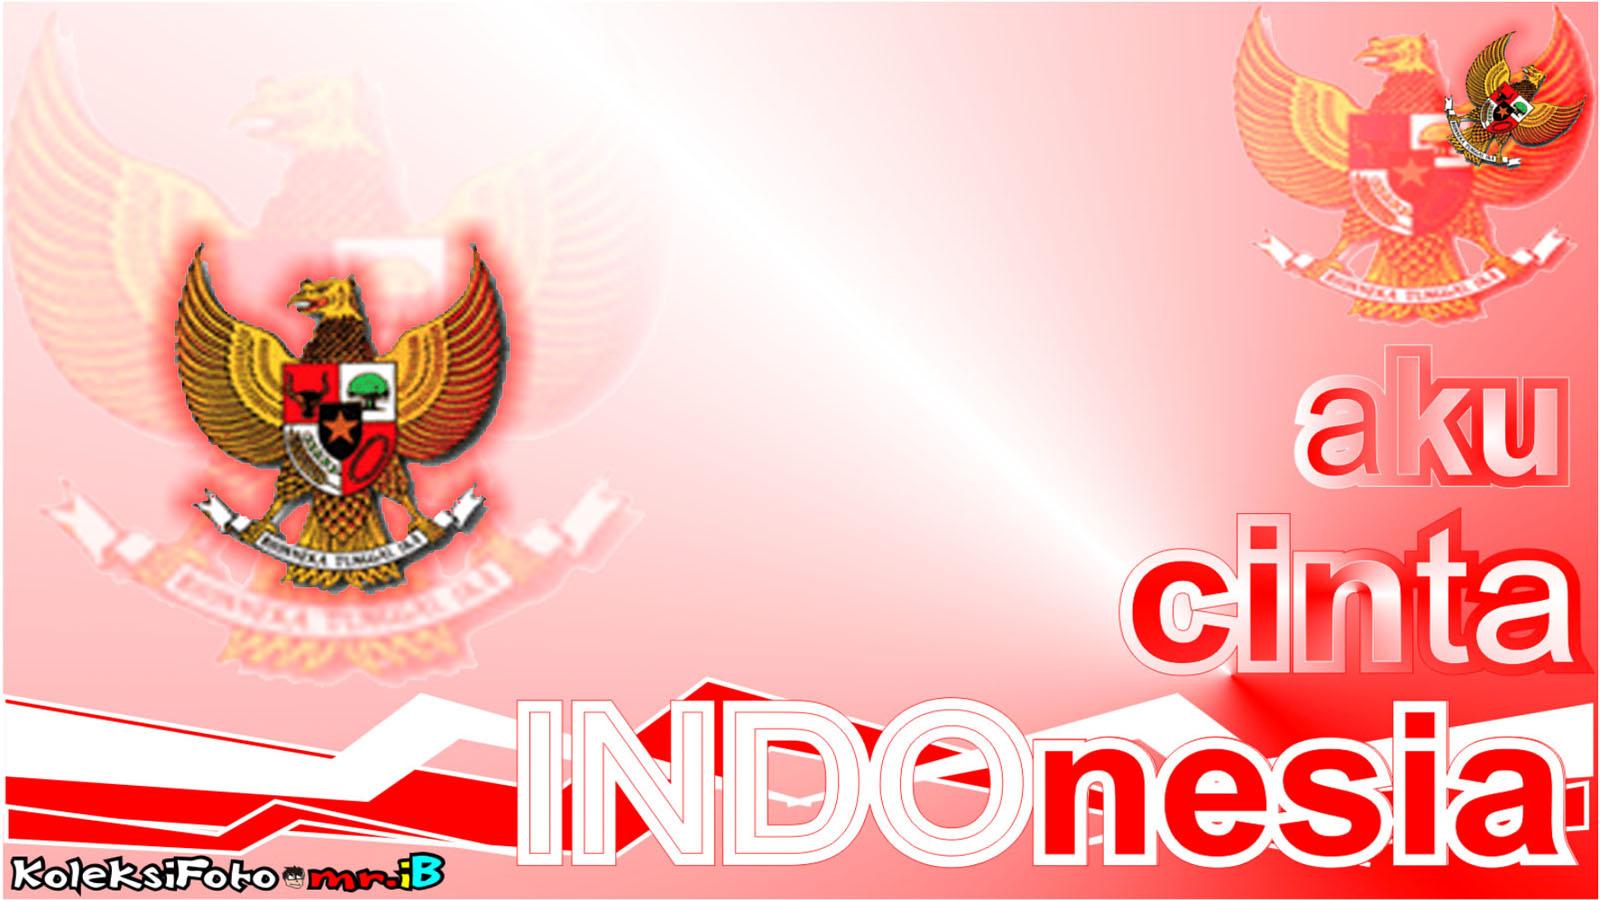 http://4.bp.blogspot.com/_EEtk3qPXm0I/TA8sWGx2I7I/AAAAAAAAA2M/uZXutWY2WMI/s1600/AKU+CINTA+INDONESIA.jpg